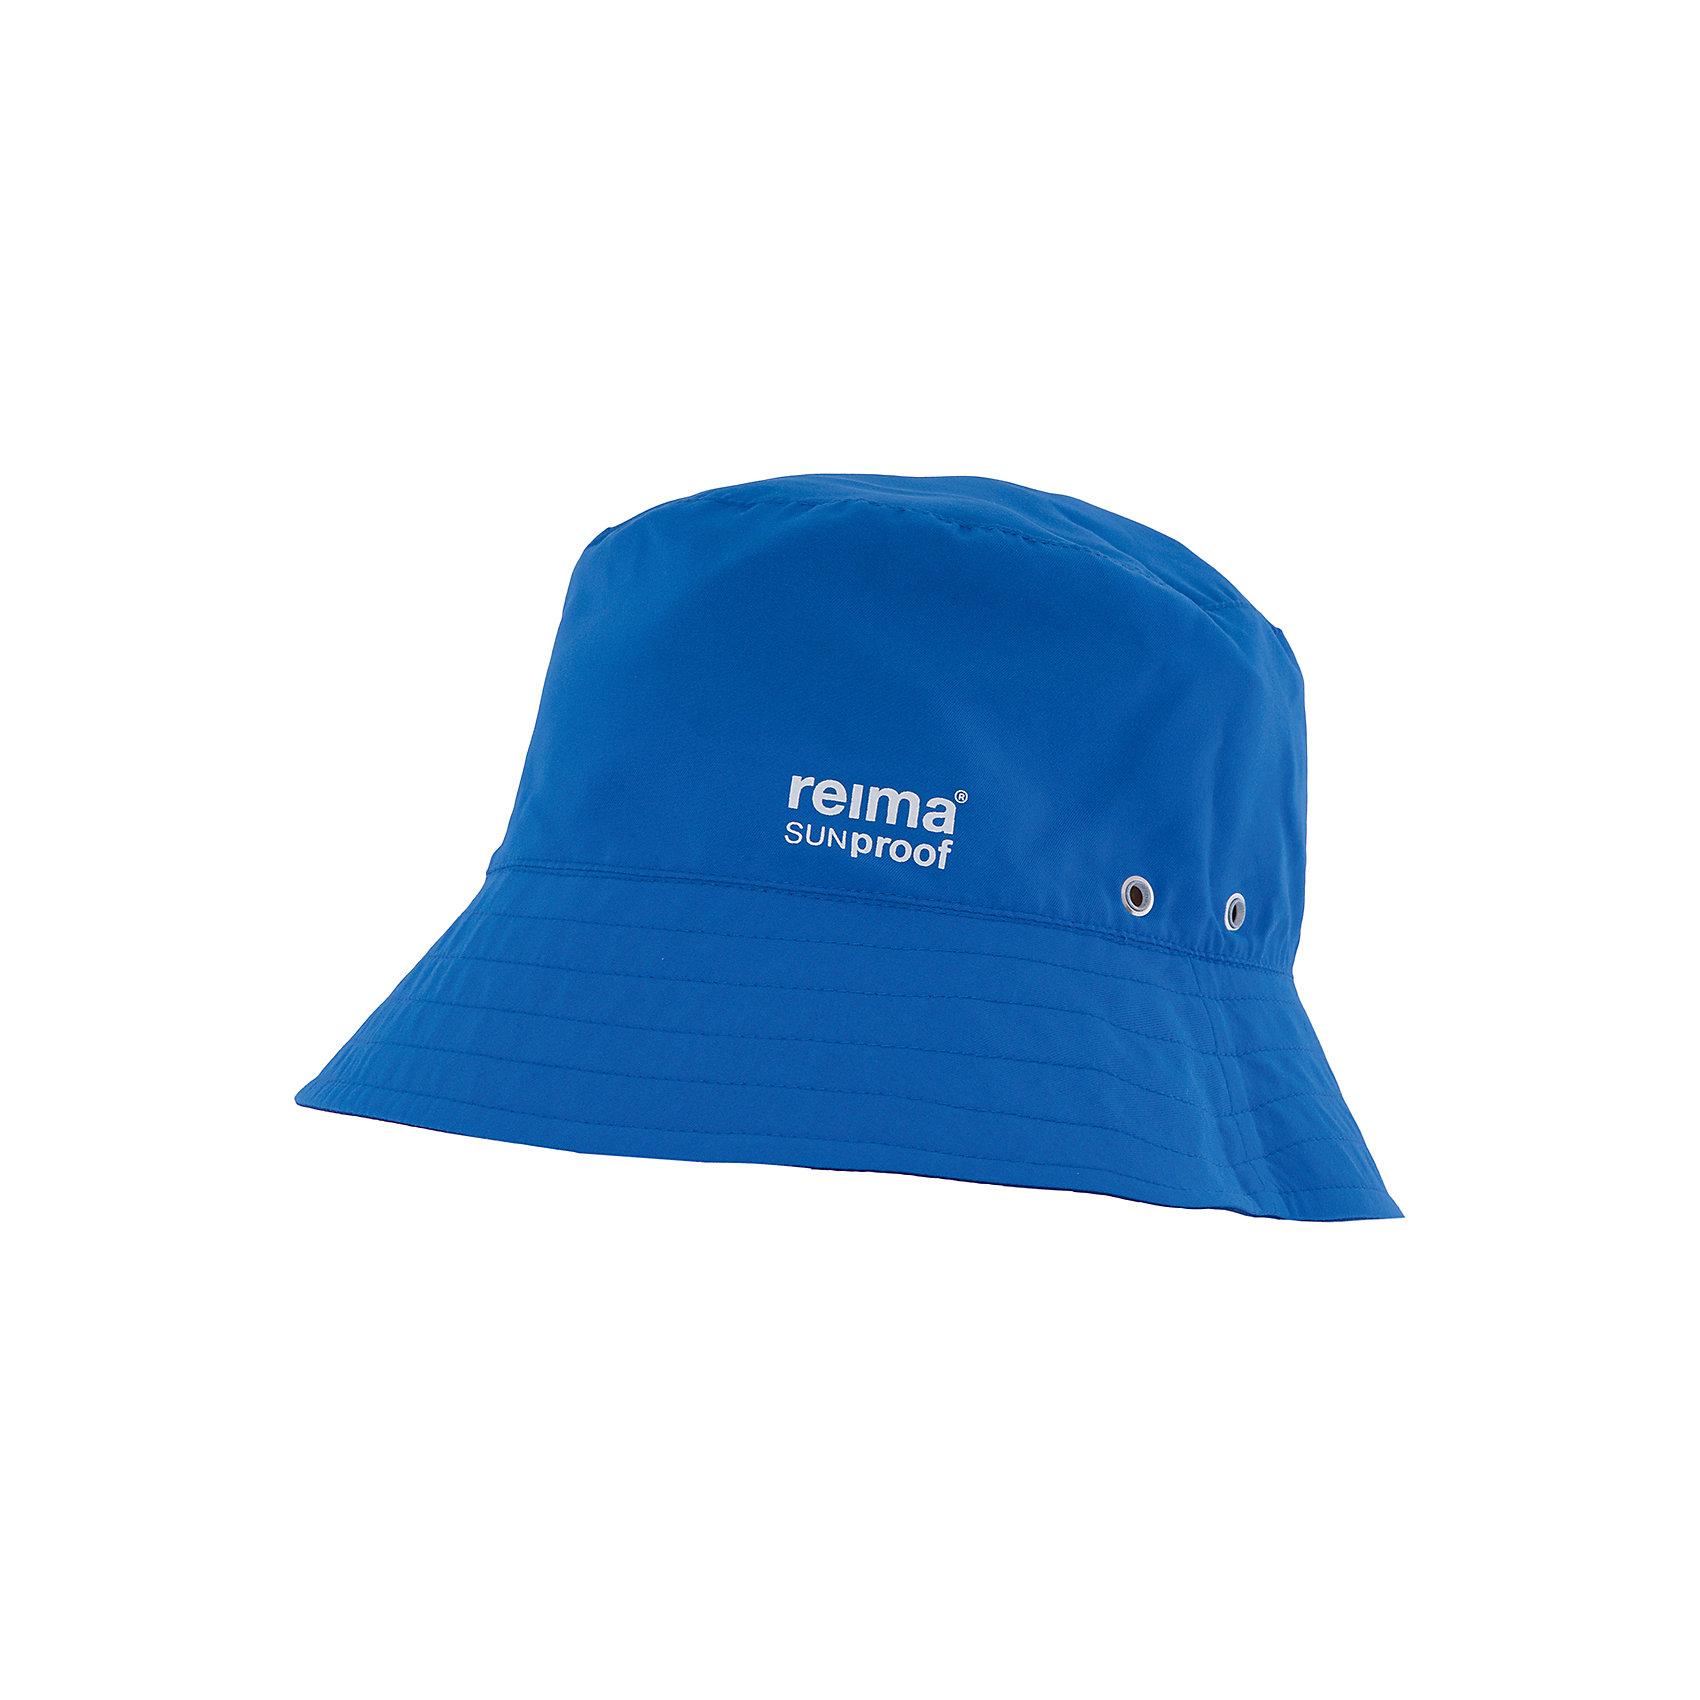 Панама Viehe ReimaШапки и шарфы<br>Характеристики товара:<br><br>• цвет: синий/голубой<br>• состав: 100% полиэстер<br>• защитный козырек<br>• двухсторонняя<br>• принт<br>• декоративный логотип<br>• фактор защиты от ультрафиолета: 50+<br>• комфортная посадка<br>• страна производства: Китай<br>• страна бренда: Финляндия<br>• коллекция: весна-лето 2017<br><br>Детский головной убор может быть модным и удобным одновременно! Стильная панама поможет обеспечить ребенку комфорт и дополнить наряд. Она отлично смотрится с различной одеждой. Панама удобно сидит и аккуратно выглядит. Проста в уходе, долго служит. Стильный дизайн разрабатывался специально для детей. Отличная защита от солнца!<br><br>Одежда и обувь от финского бренда Reima пользуется популярностью во многих странах. Эти изделия стильные, качественные и удобные. Для производства продукции используются только безопасные, проверенные материалы и фурнитура. Порадуйте ребенка модными и красивыми вещами от Reima! <br><br>Панаму для мальчика от финского бренда Reima (Рейма) можно купить в нашем интернет-магазине.<br><br>Ширина мм: 89<br>Глубина мм: 117<br>Высота мм: 44<br>Вес г: 155<br>Цвет: синий<br>Возраст от месяцев: 48<br>Возраст до месяцев: 84<br>Пол: Унисекс<br>Возраст: Детский<br>Размер: 54,50,52,56,48<br>SKU: 5267874